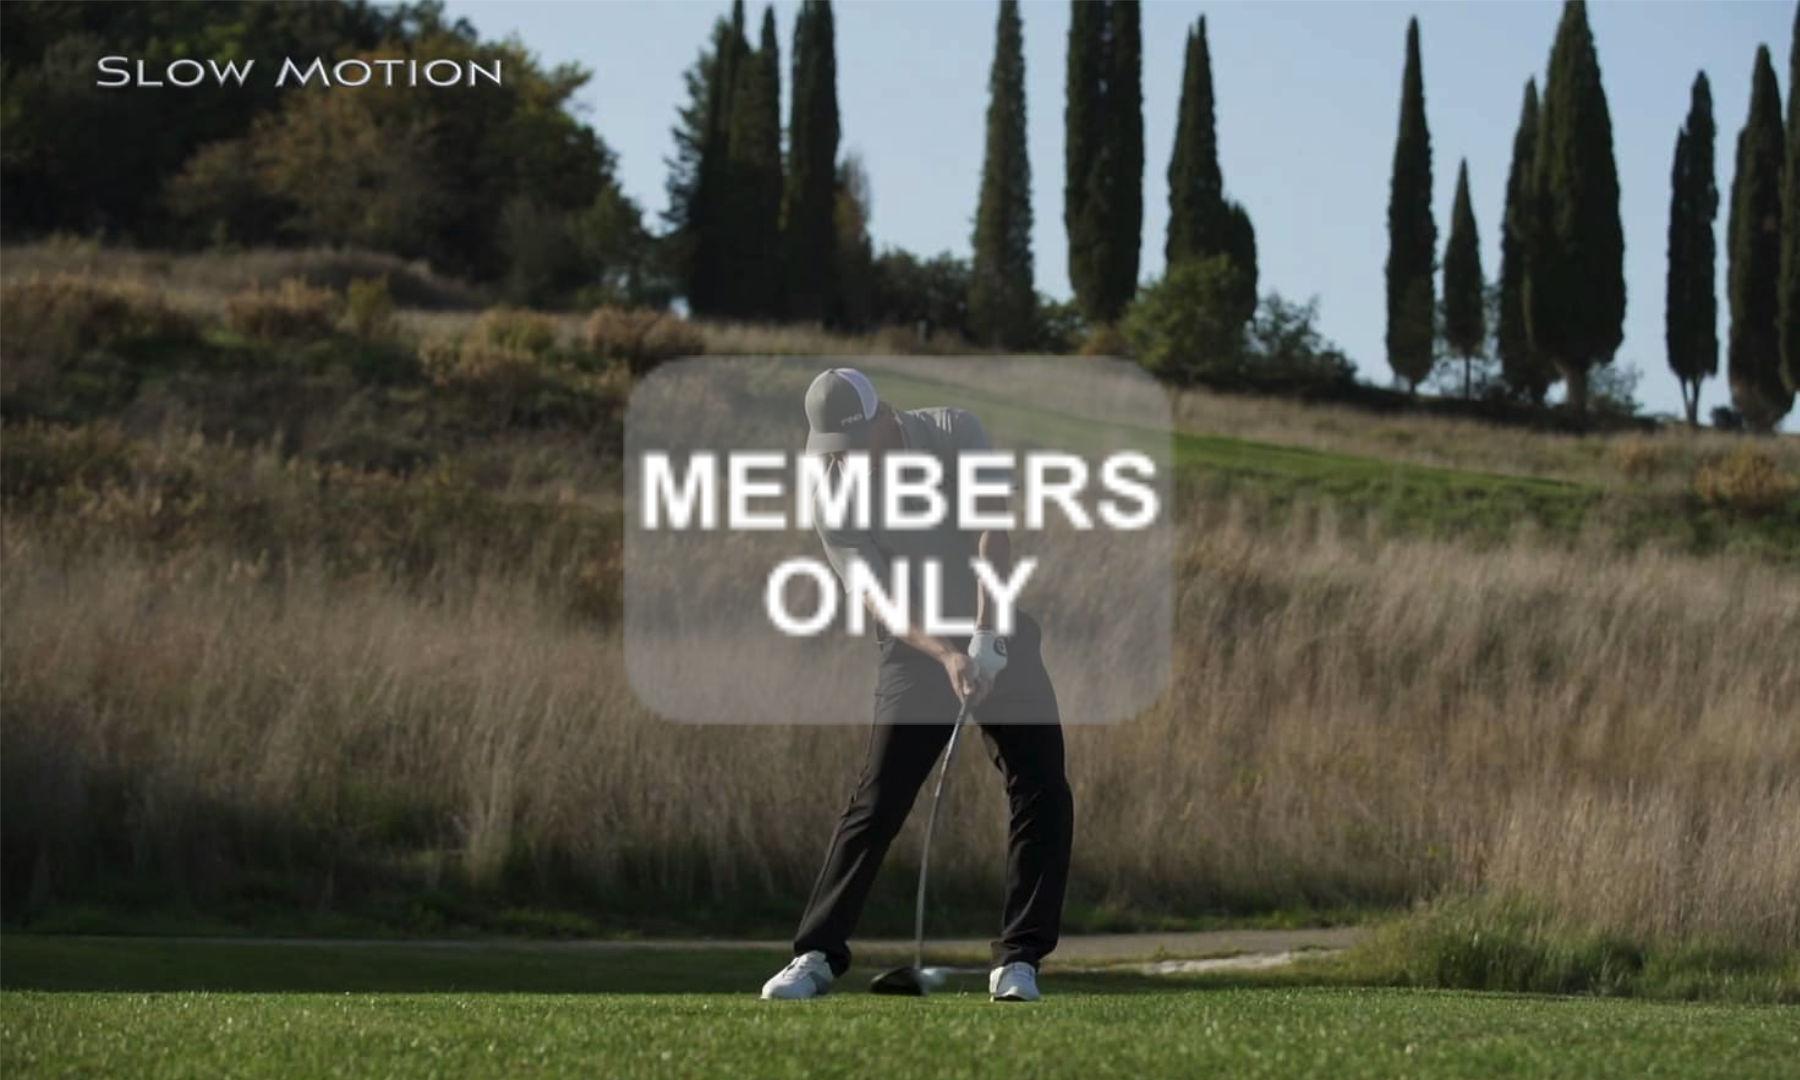 Golfschwung für Länge | Den Schläger Freilassen